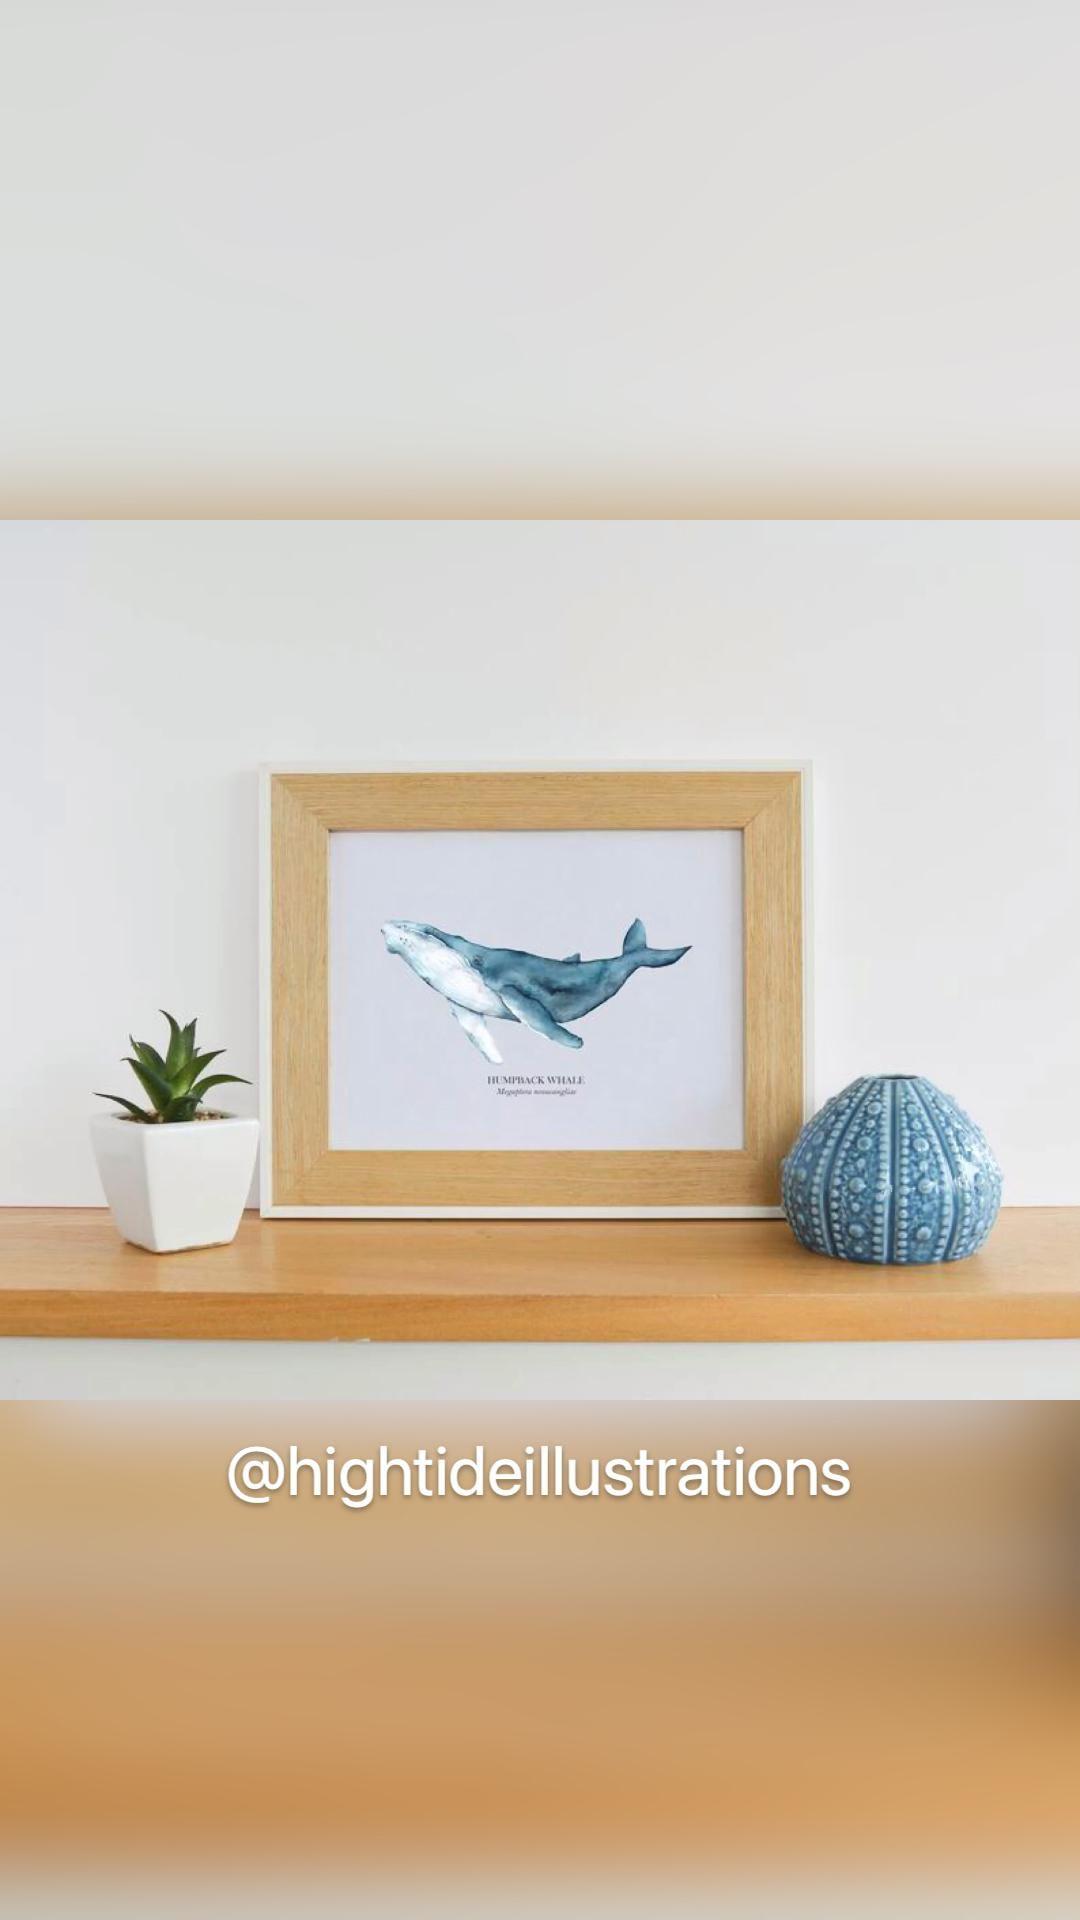 @hightideillustrations